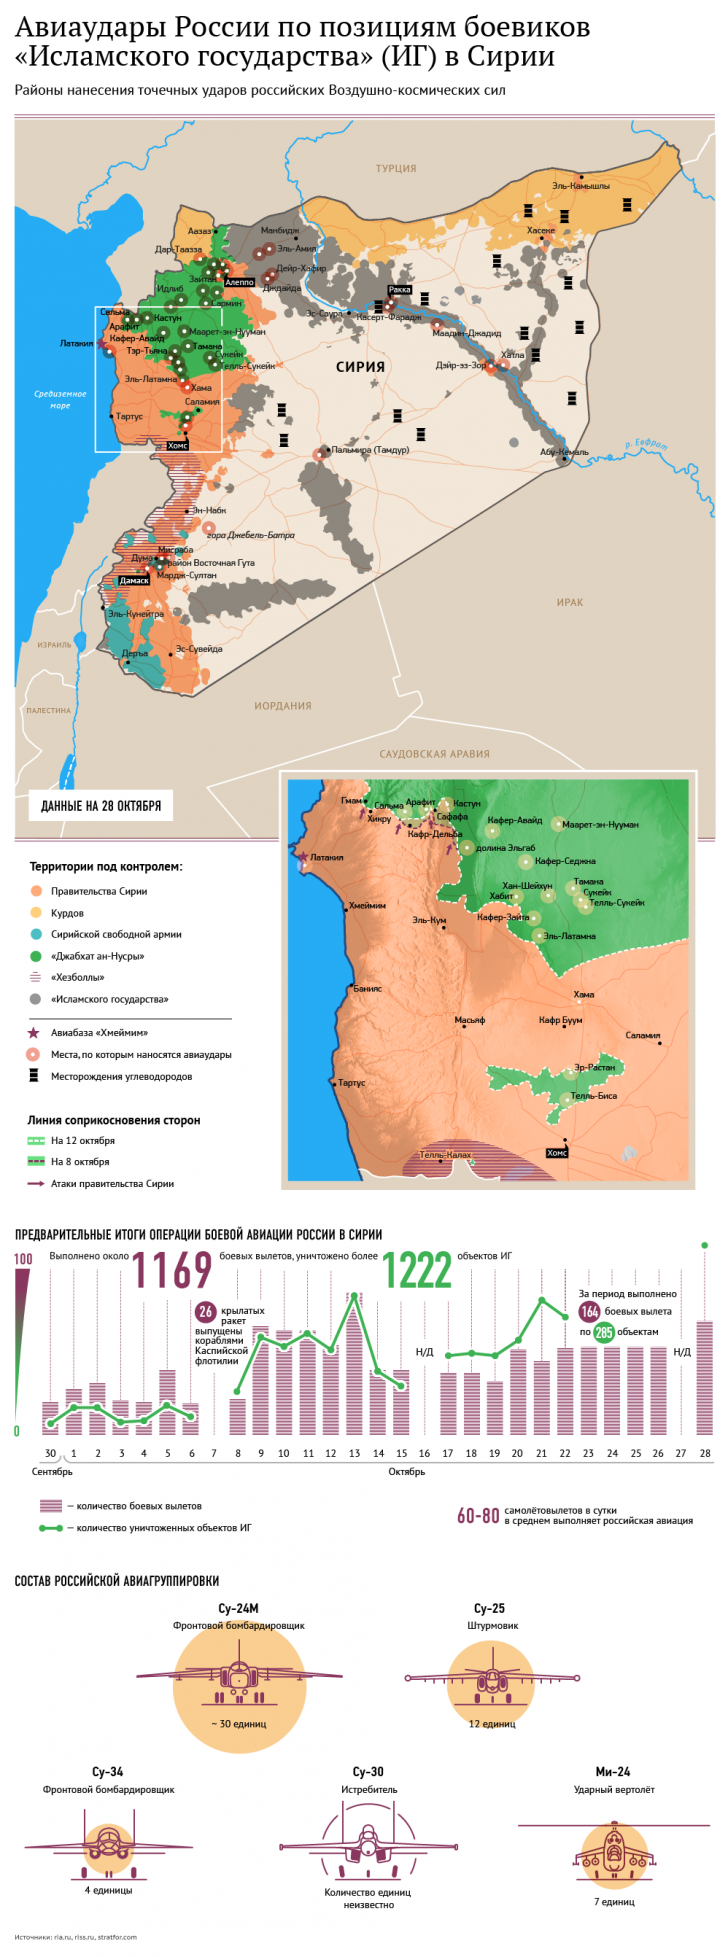 Пентагон ждёт, что ВКС России будут облетать зоны операций США в Сирии